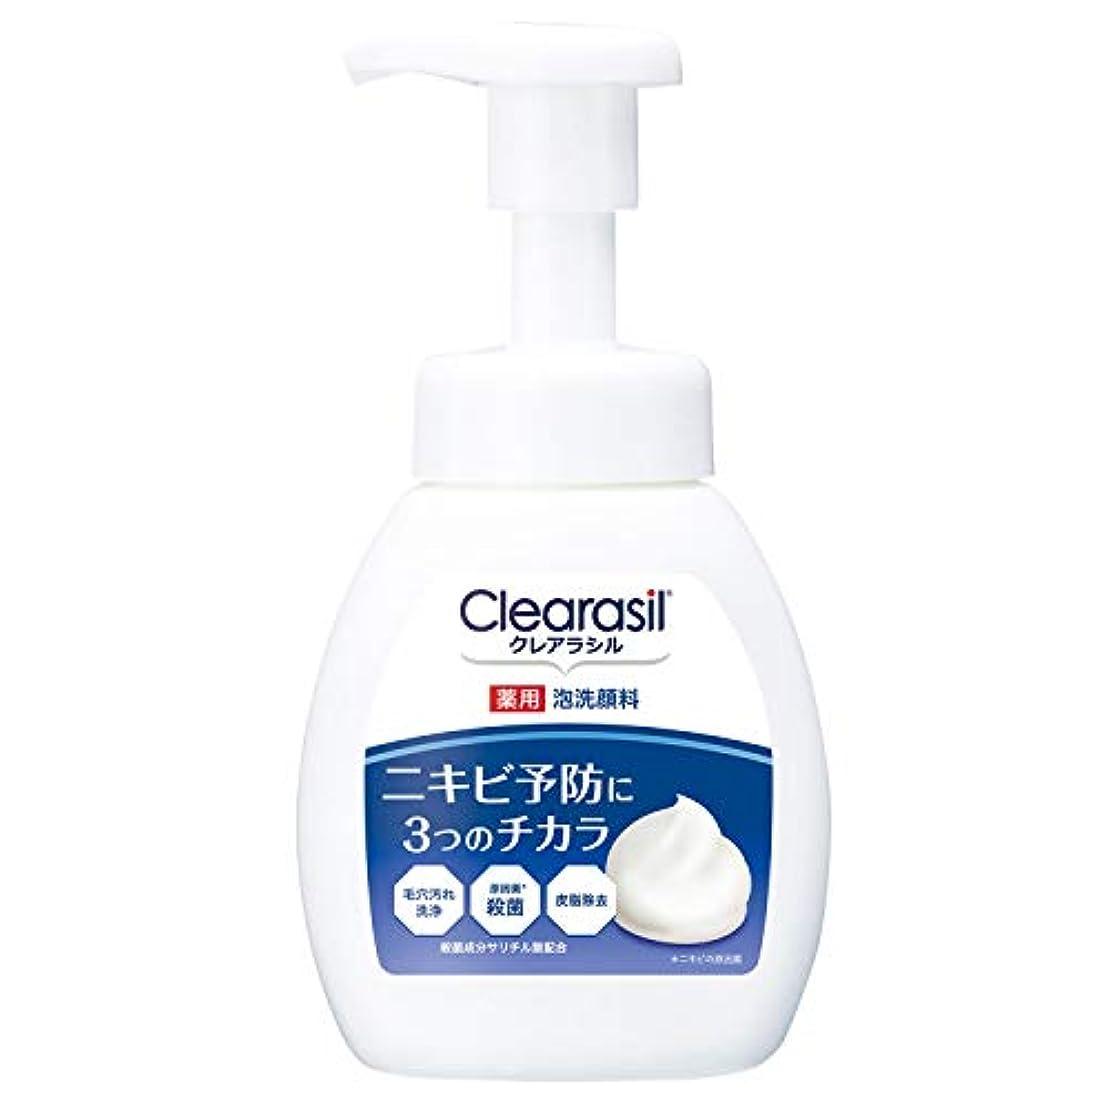 無傷モナリザトレーニングクレアラシル 薬用泡洗顔フォーム 10 本体 200ml